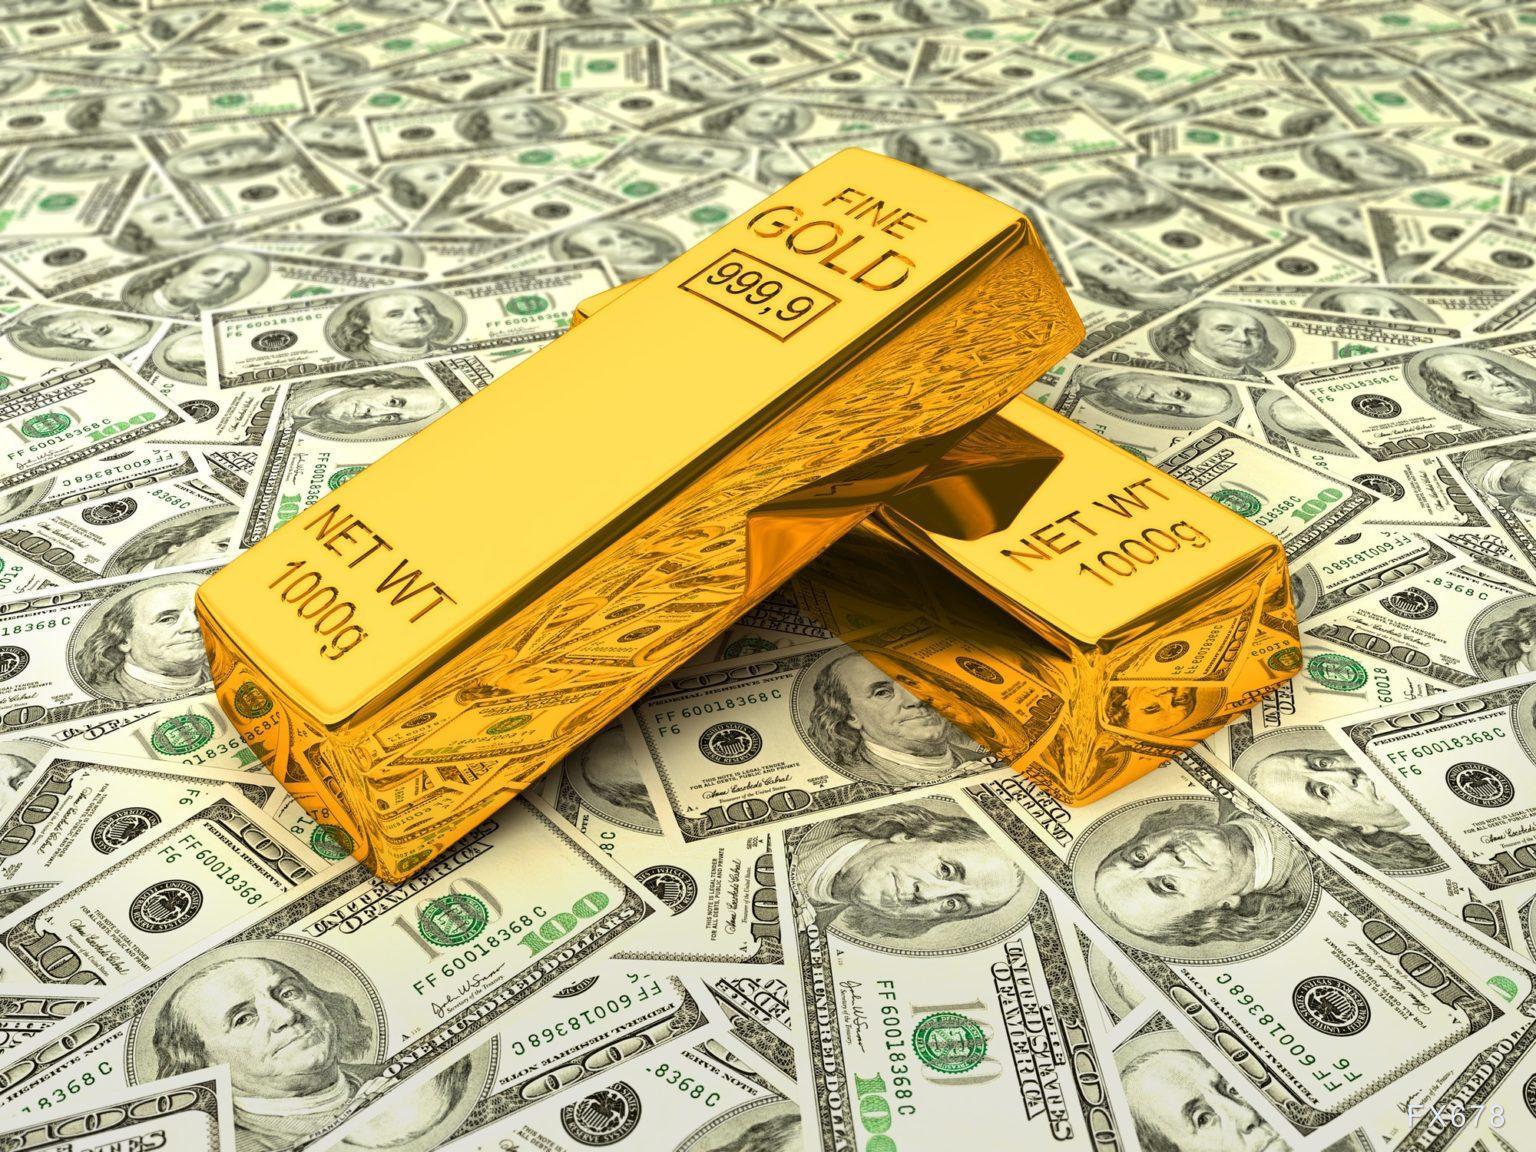 黄金交易提醒:美联储维持超宽松政策 金价有望延续涨势